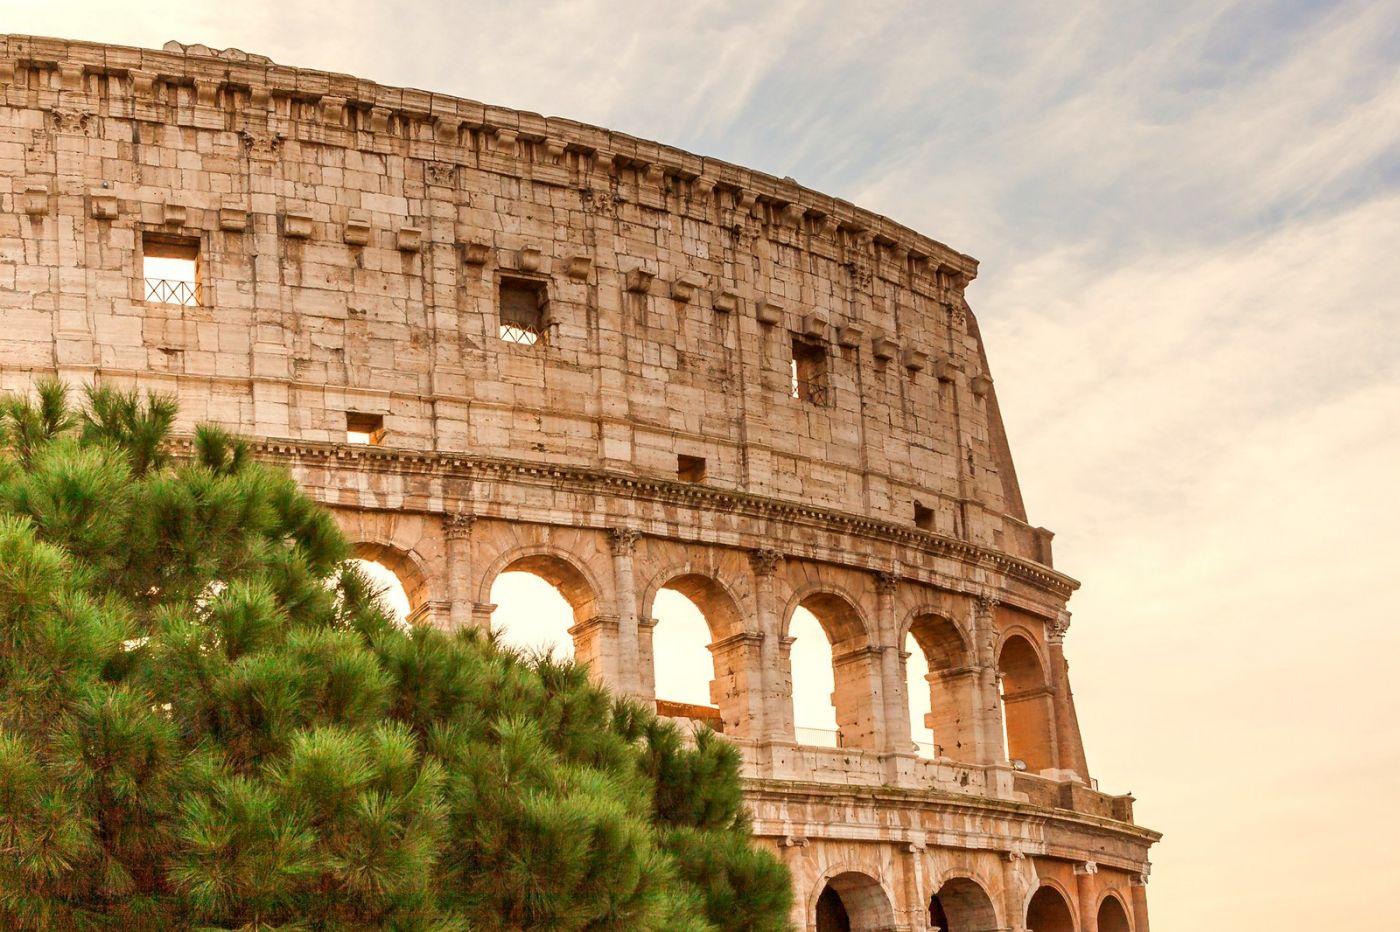 罗马斗兽场(Colosseum), 两千年的宏大建筑古迹_图1-7